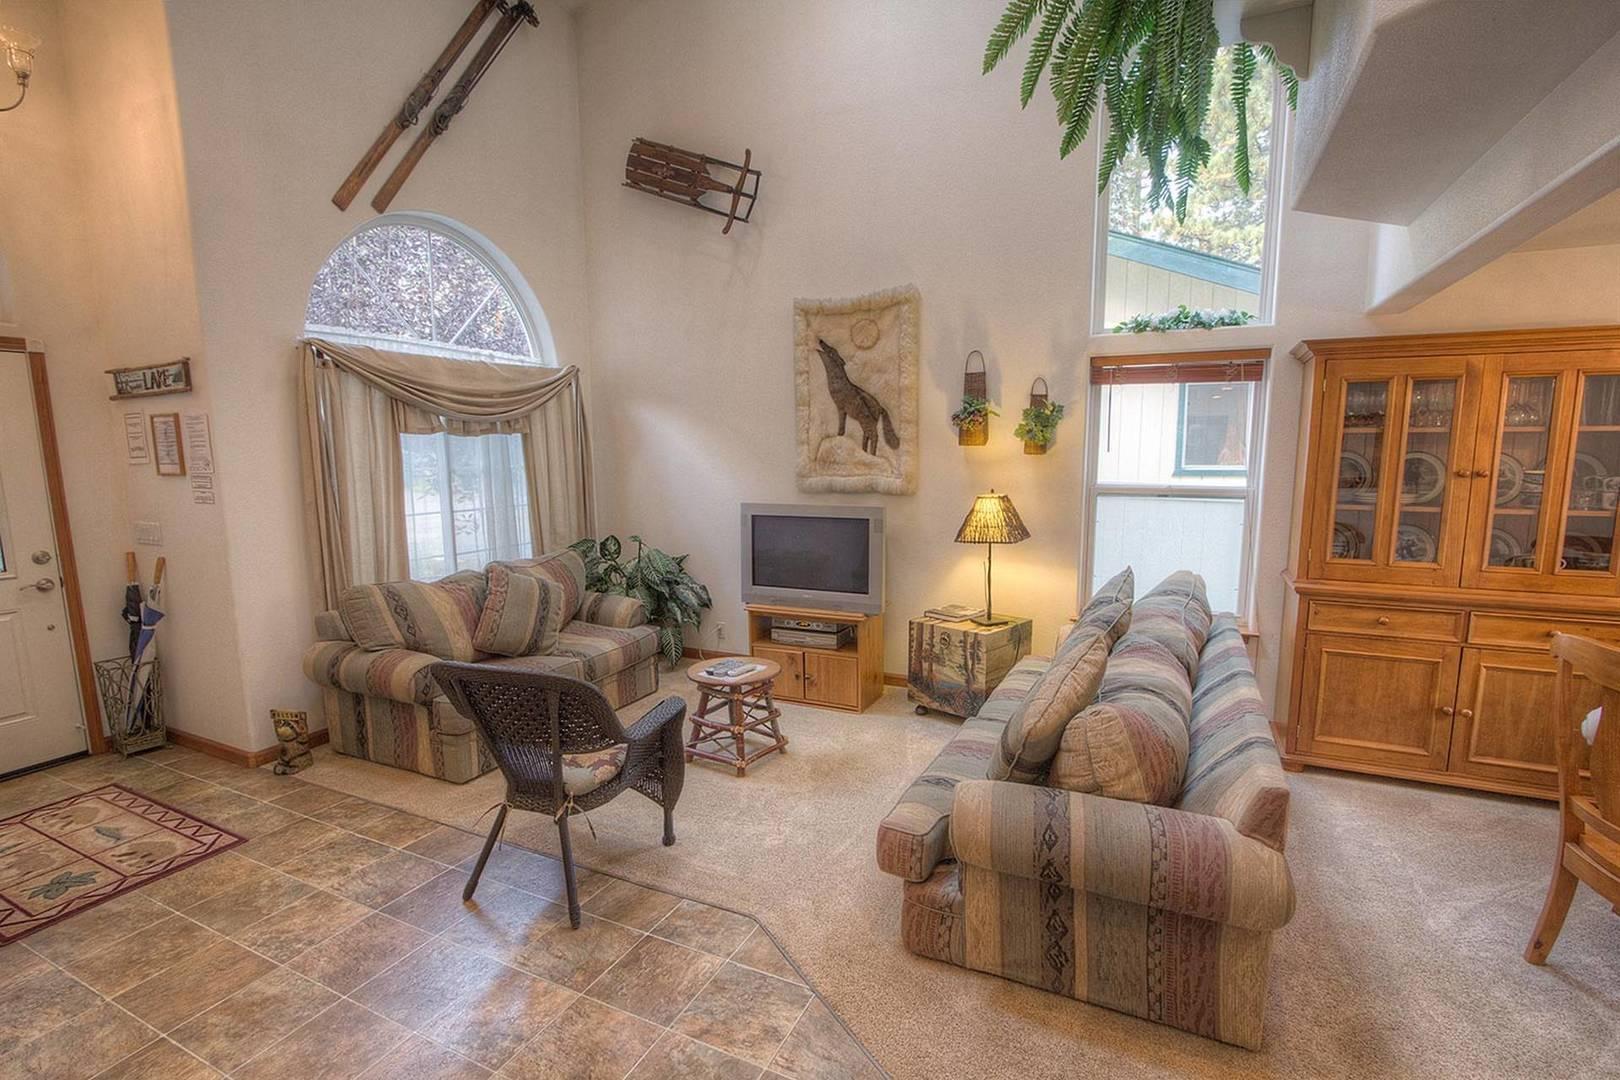 cyh1077 living room